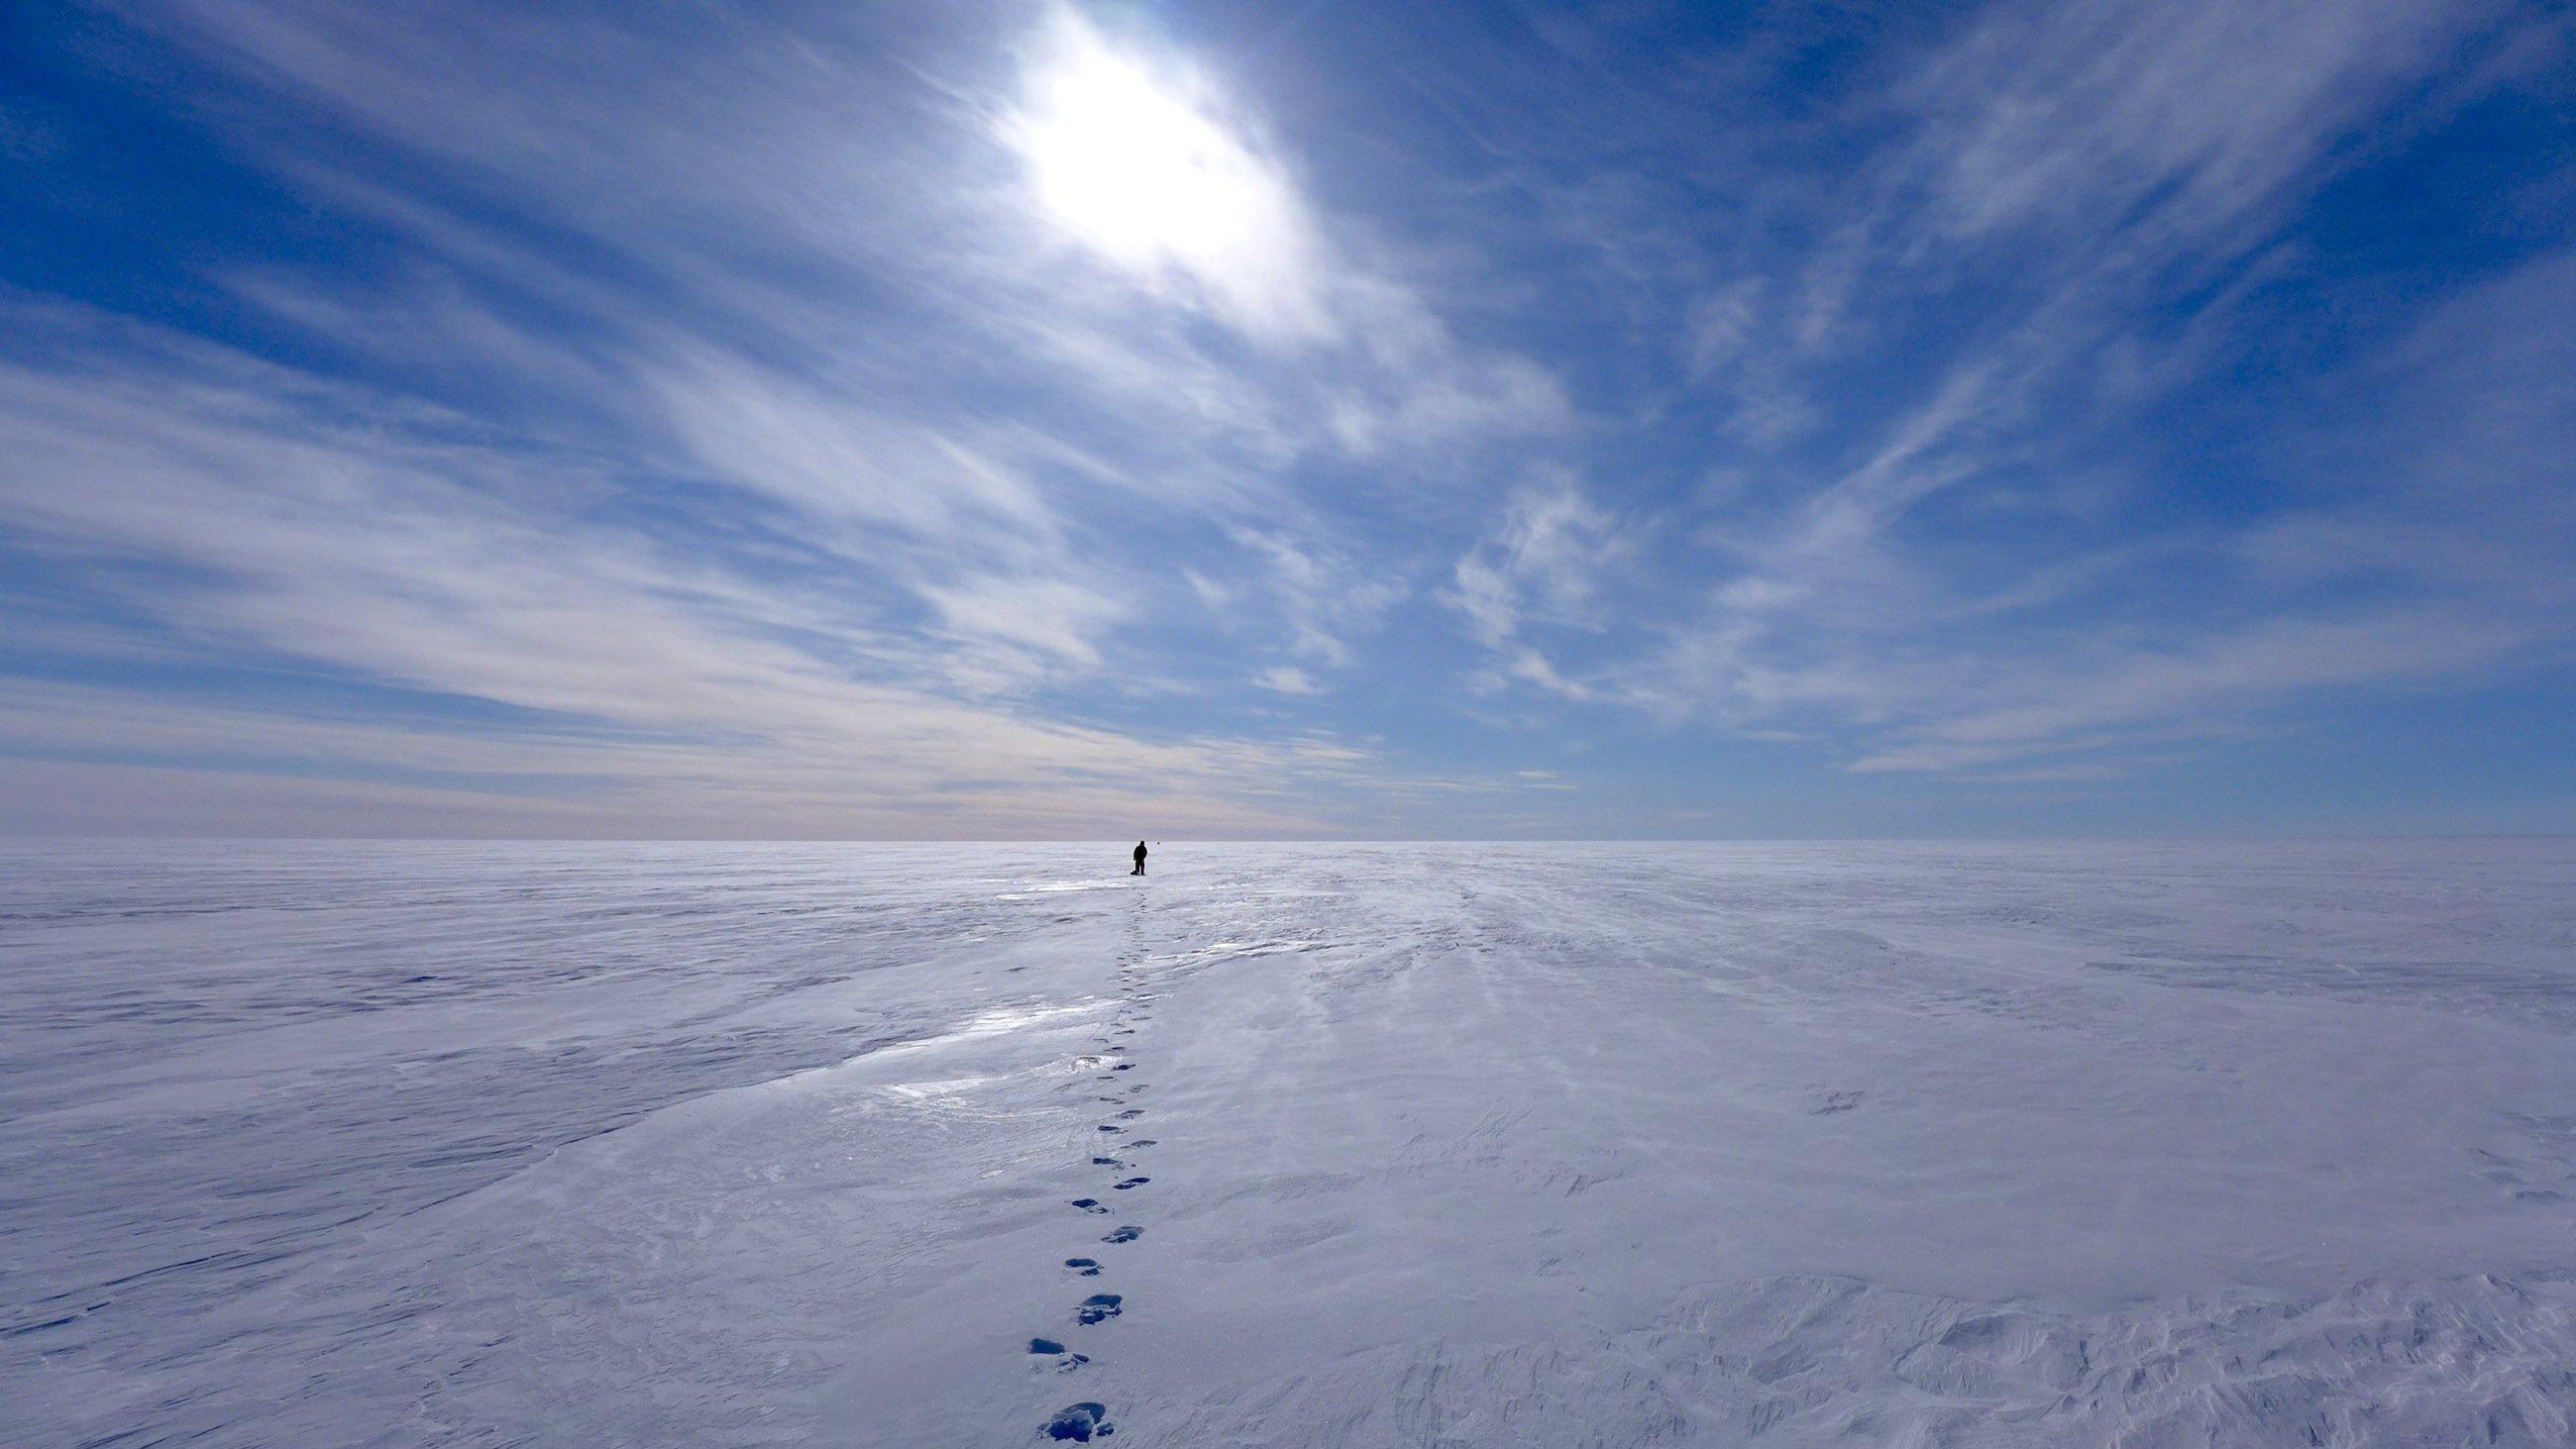 DLR-Forscher Georg Fischer läuft zu der nächsten Stelle auf Grönland, an der ein Radar-Reflektor platziert wird. Am South Dome, dem höchstgelegenen Testgebiet, herrschten günstige Wetterbedingungen, die es ermöglichten, die Radarreflektoren in einer Entfernung von bis zu einem Kilometer vom Flugzeug entfernt zu verankern.